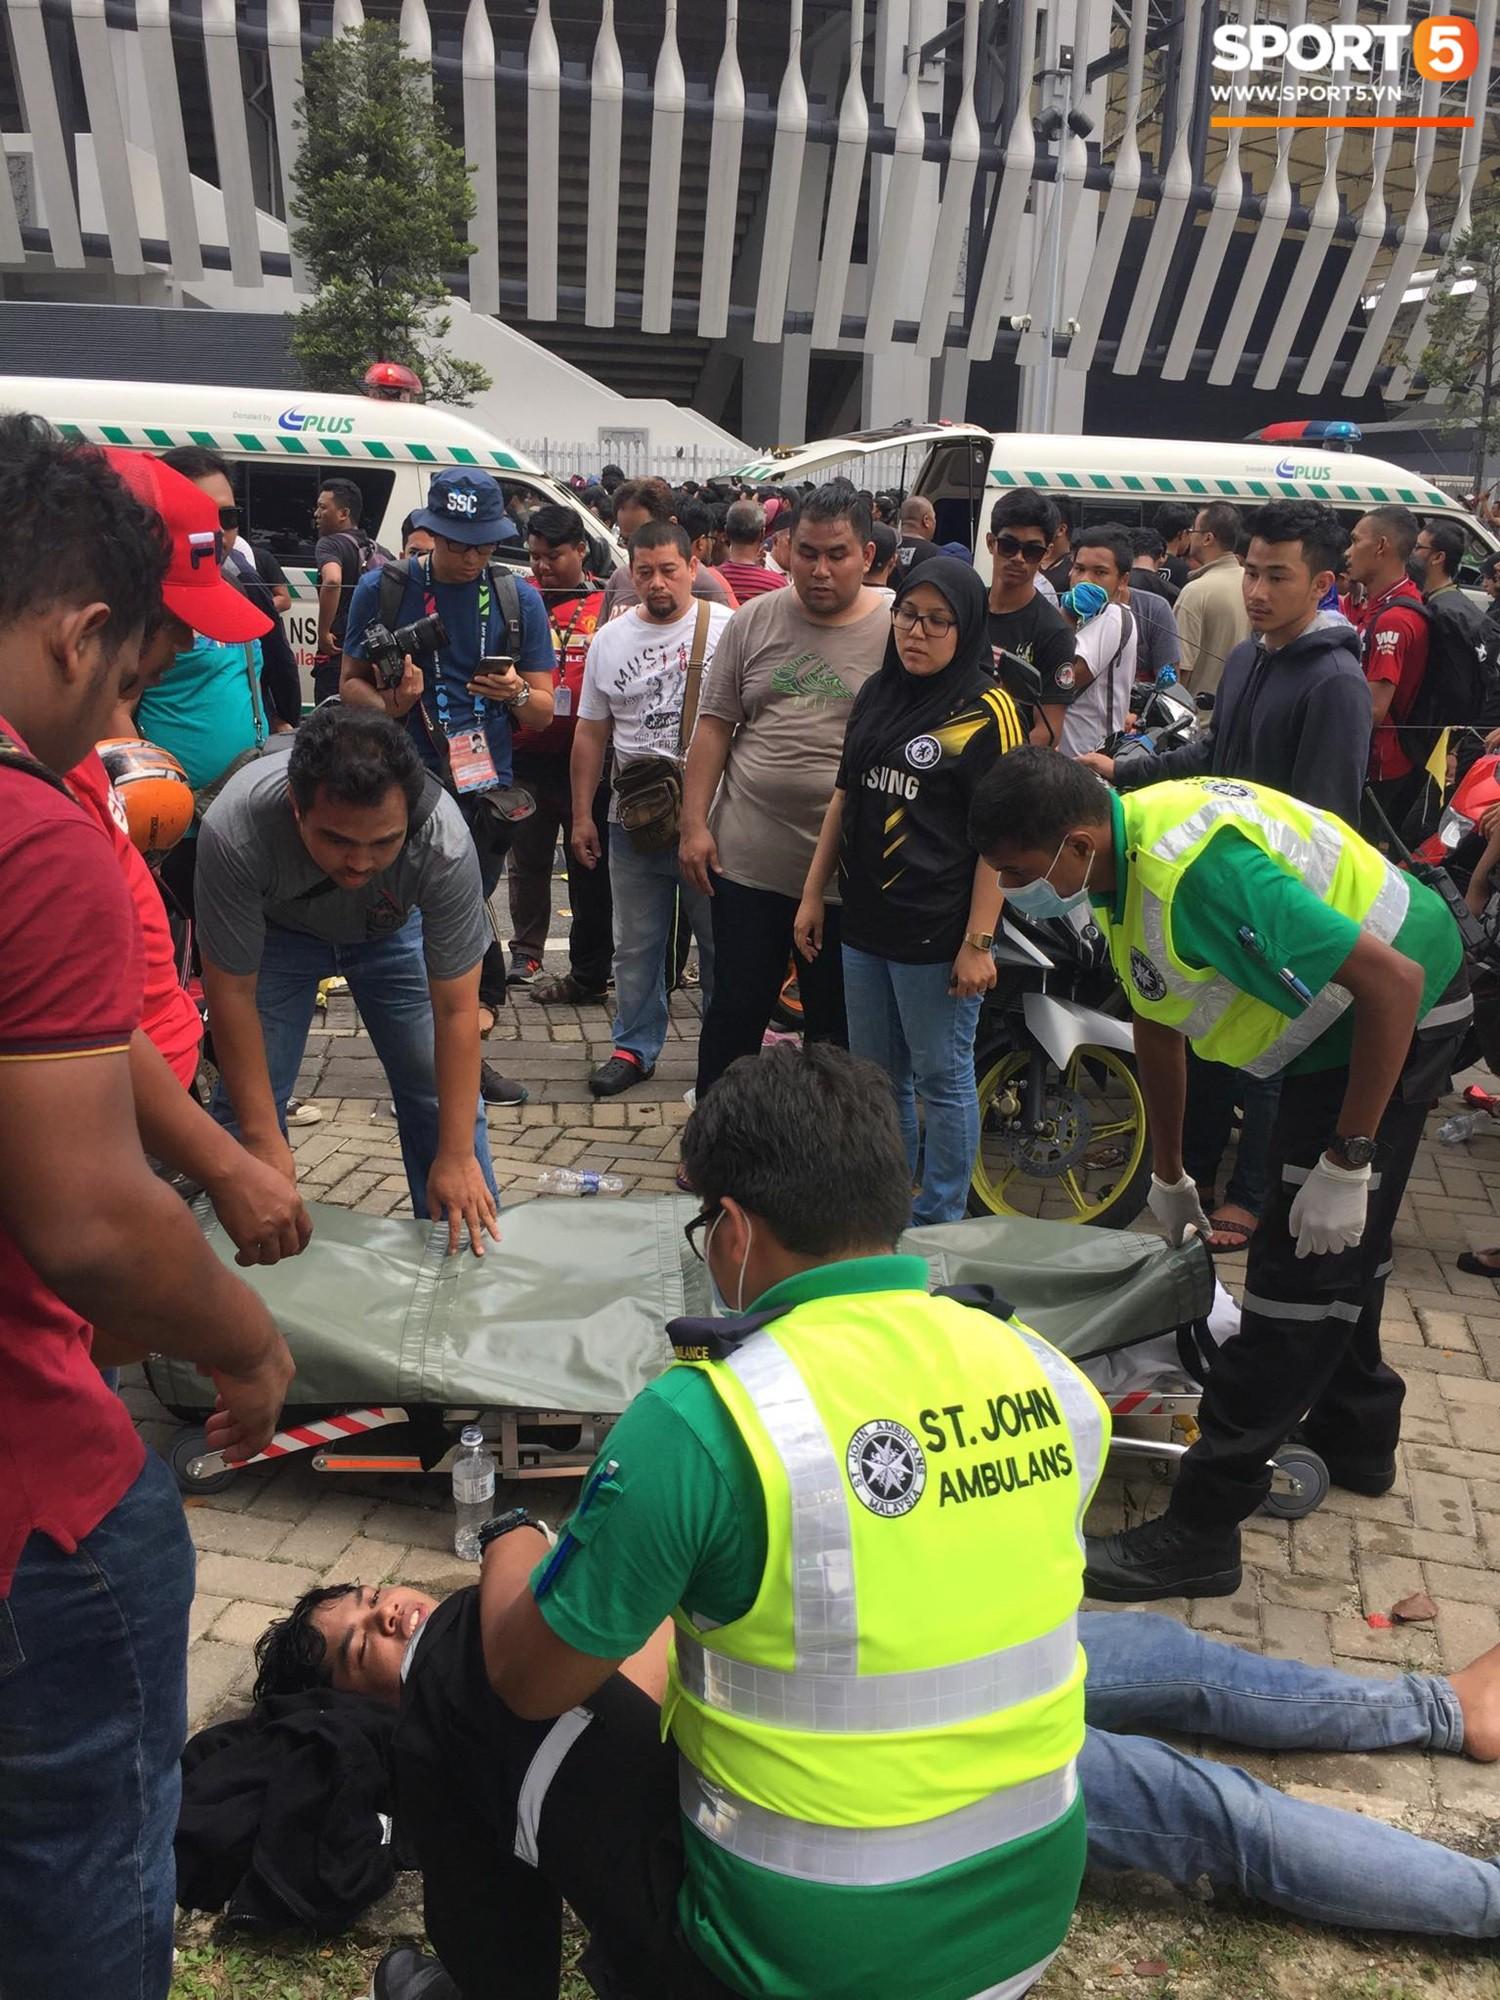 Kinh hoàng cảnh mua vé xem chung kết AFF Cup tại Malaysia: Nhiều người kiệt sức, nằm la liệt bên đường 5